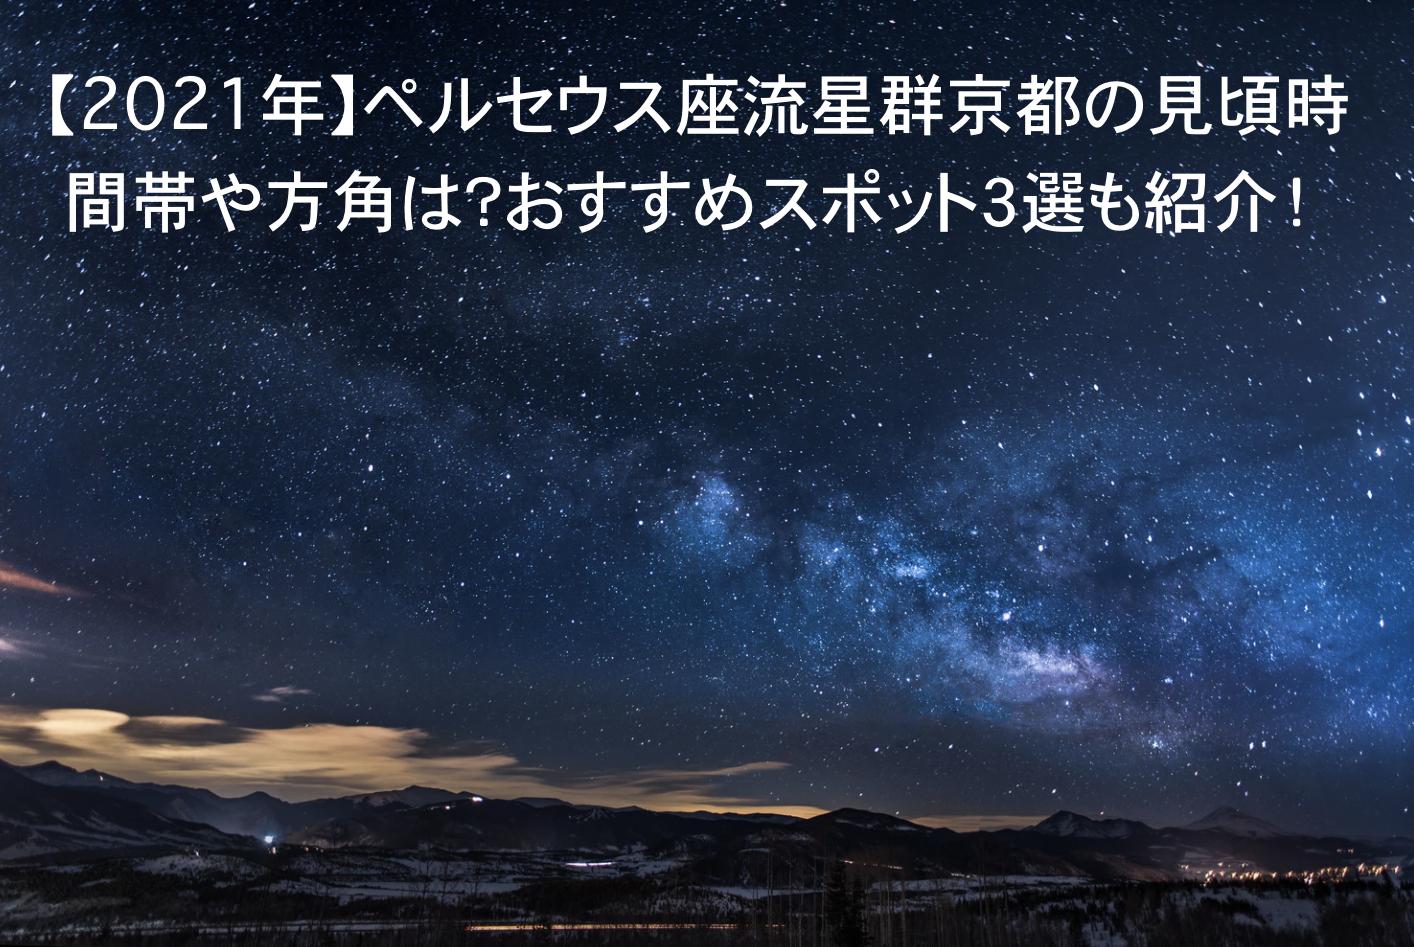 ペルセウス座流星群 京都 見頃 時間帯 方角 オススメスポット